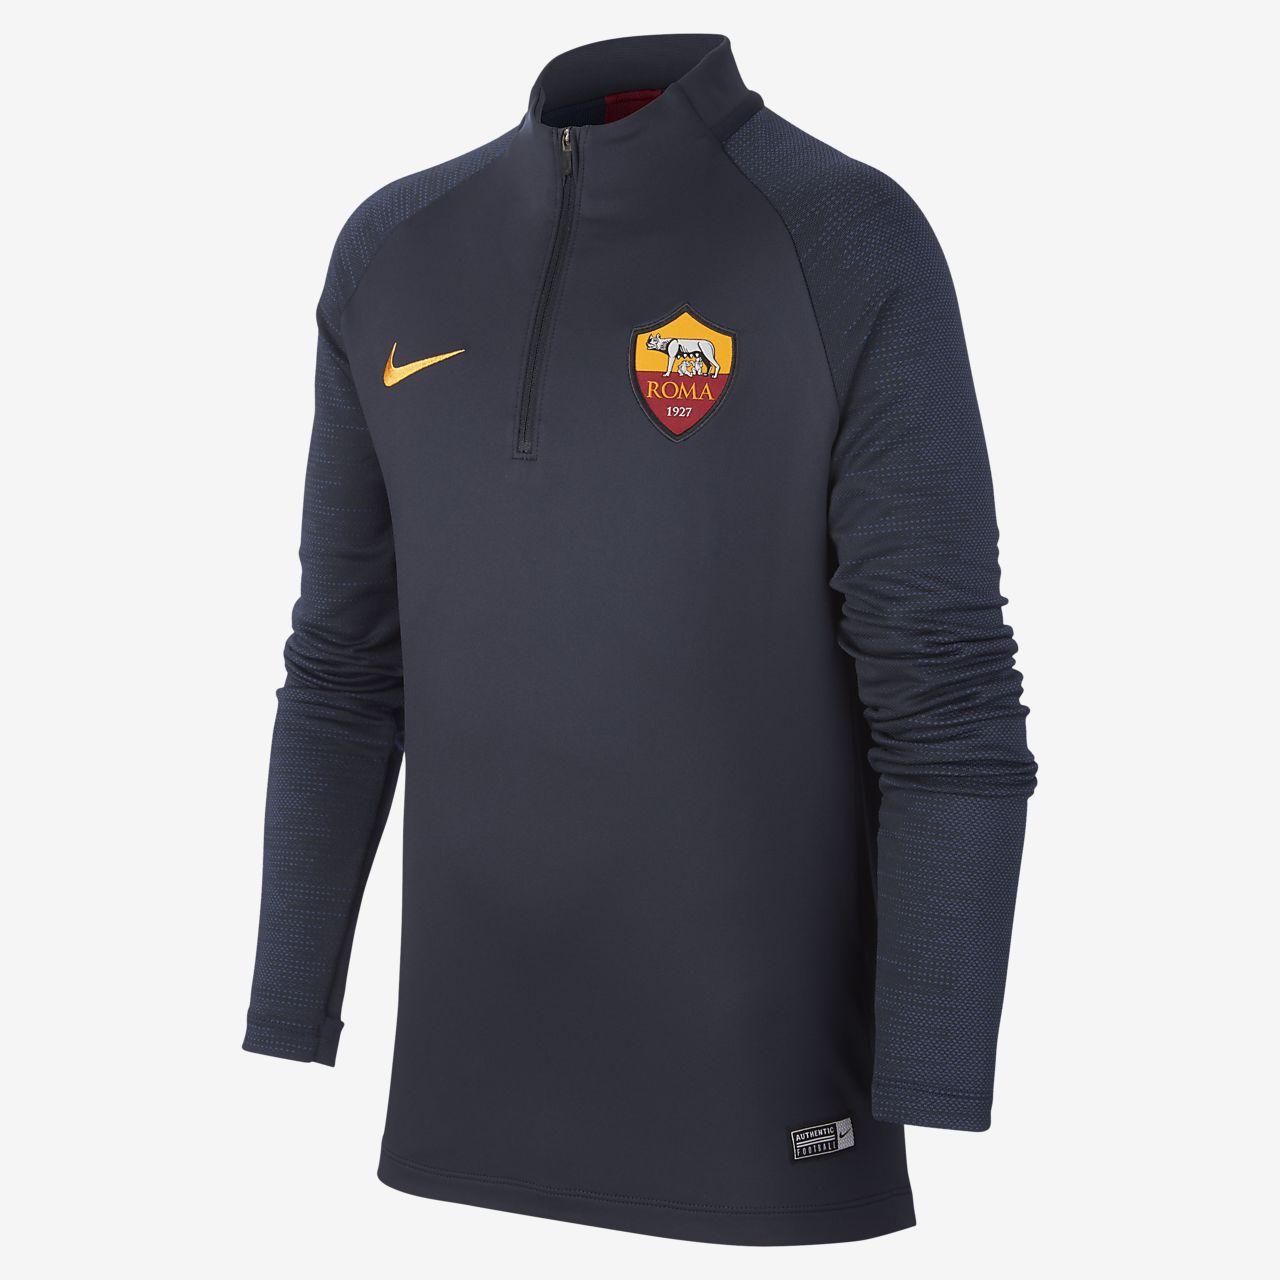 Haut d'entraînement de football Nike Dri-FIT A.S. Roma Strike pour Enfant plus âgé